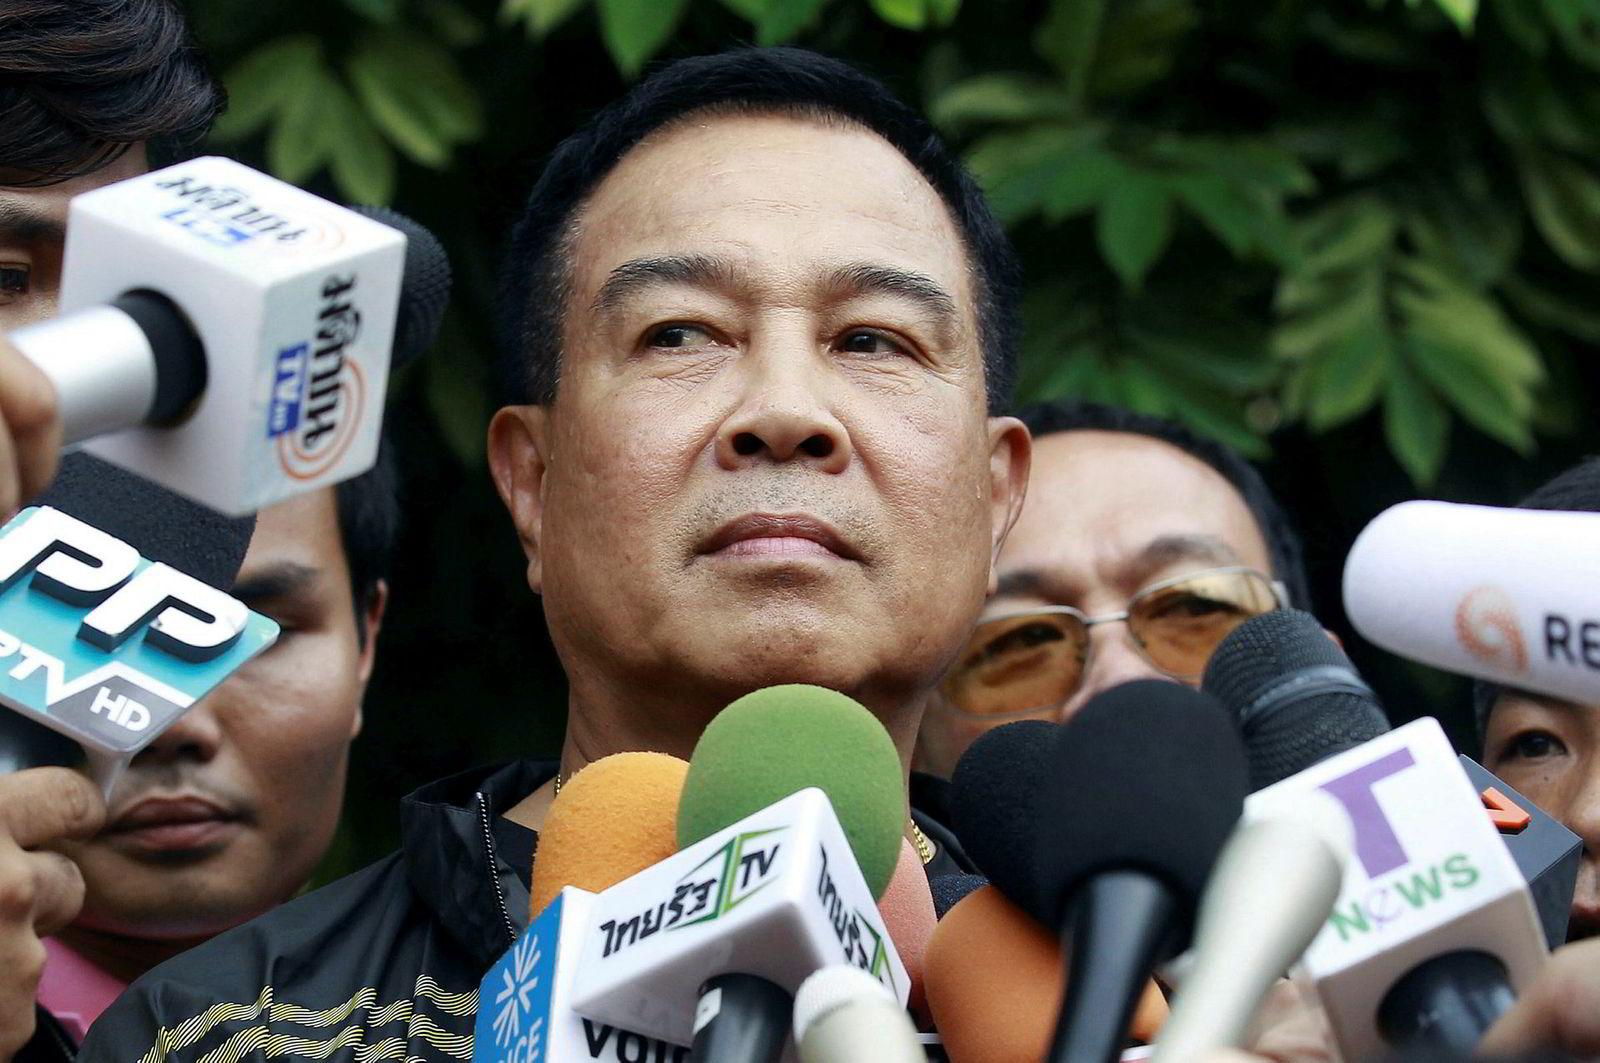 Den tidligere politidirektøren i Thailand, Somyot Pumpanmuang, er i hardt vær etter å ha innrømmet å ha lånt penger fra en mistenkt bordelleier. Her blir han intervjuet i 2015, da han fortsatt var politisjef.